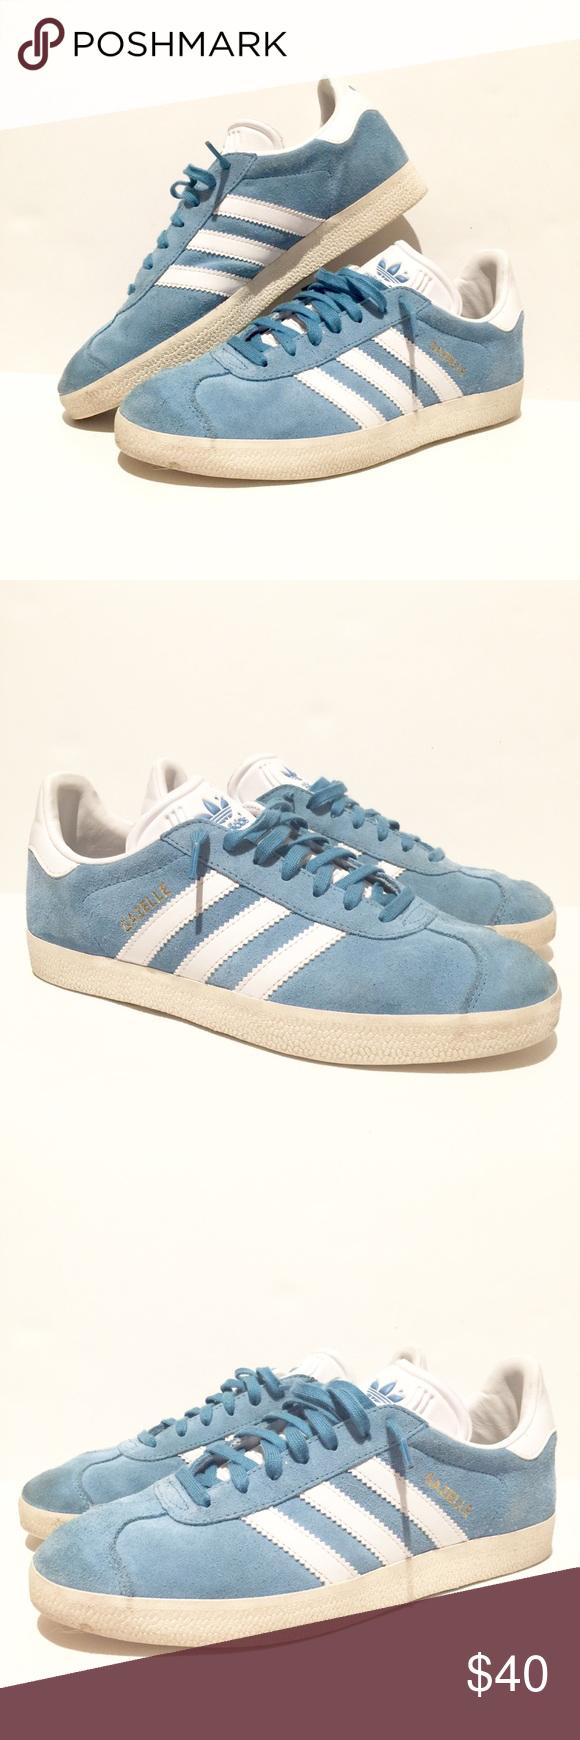 baby blue adidas gazelle